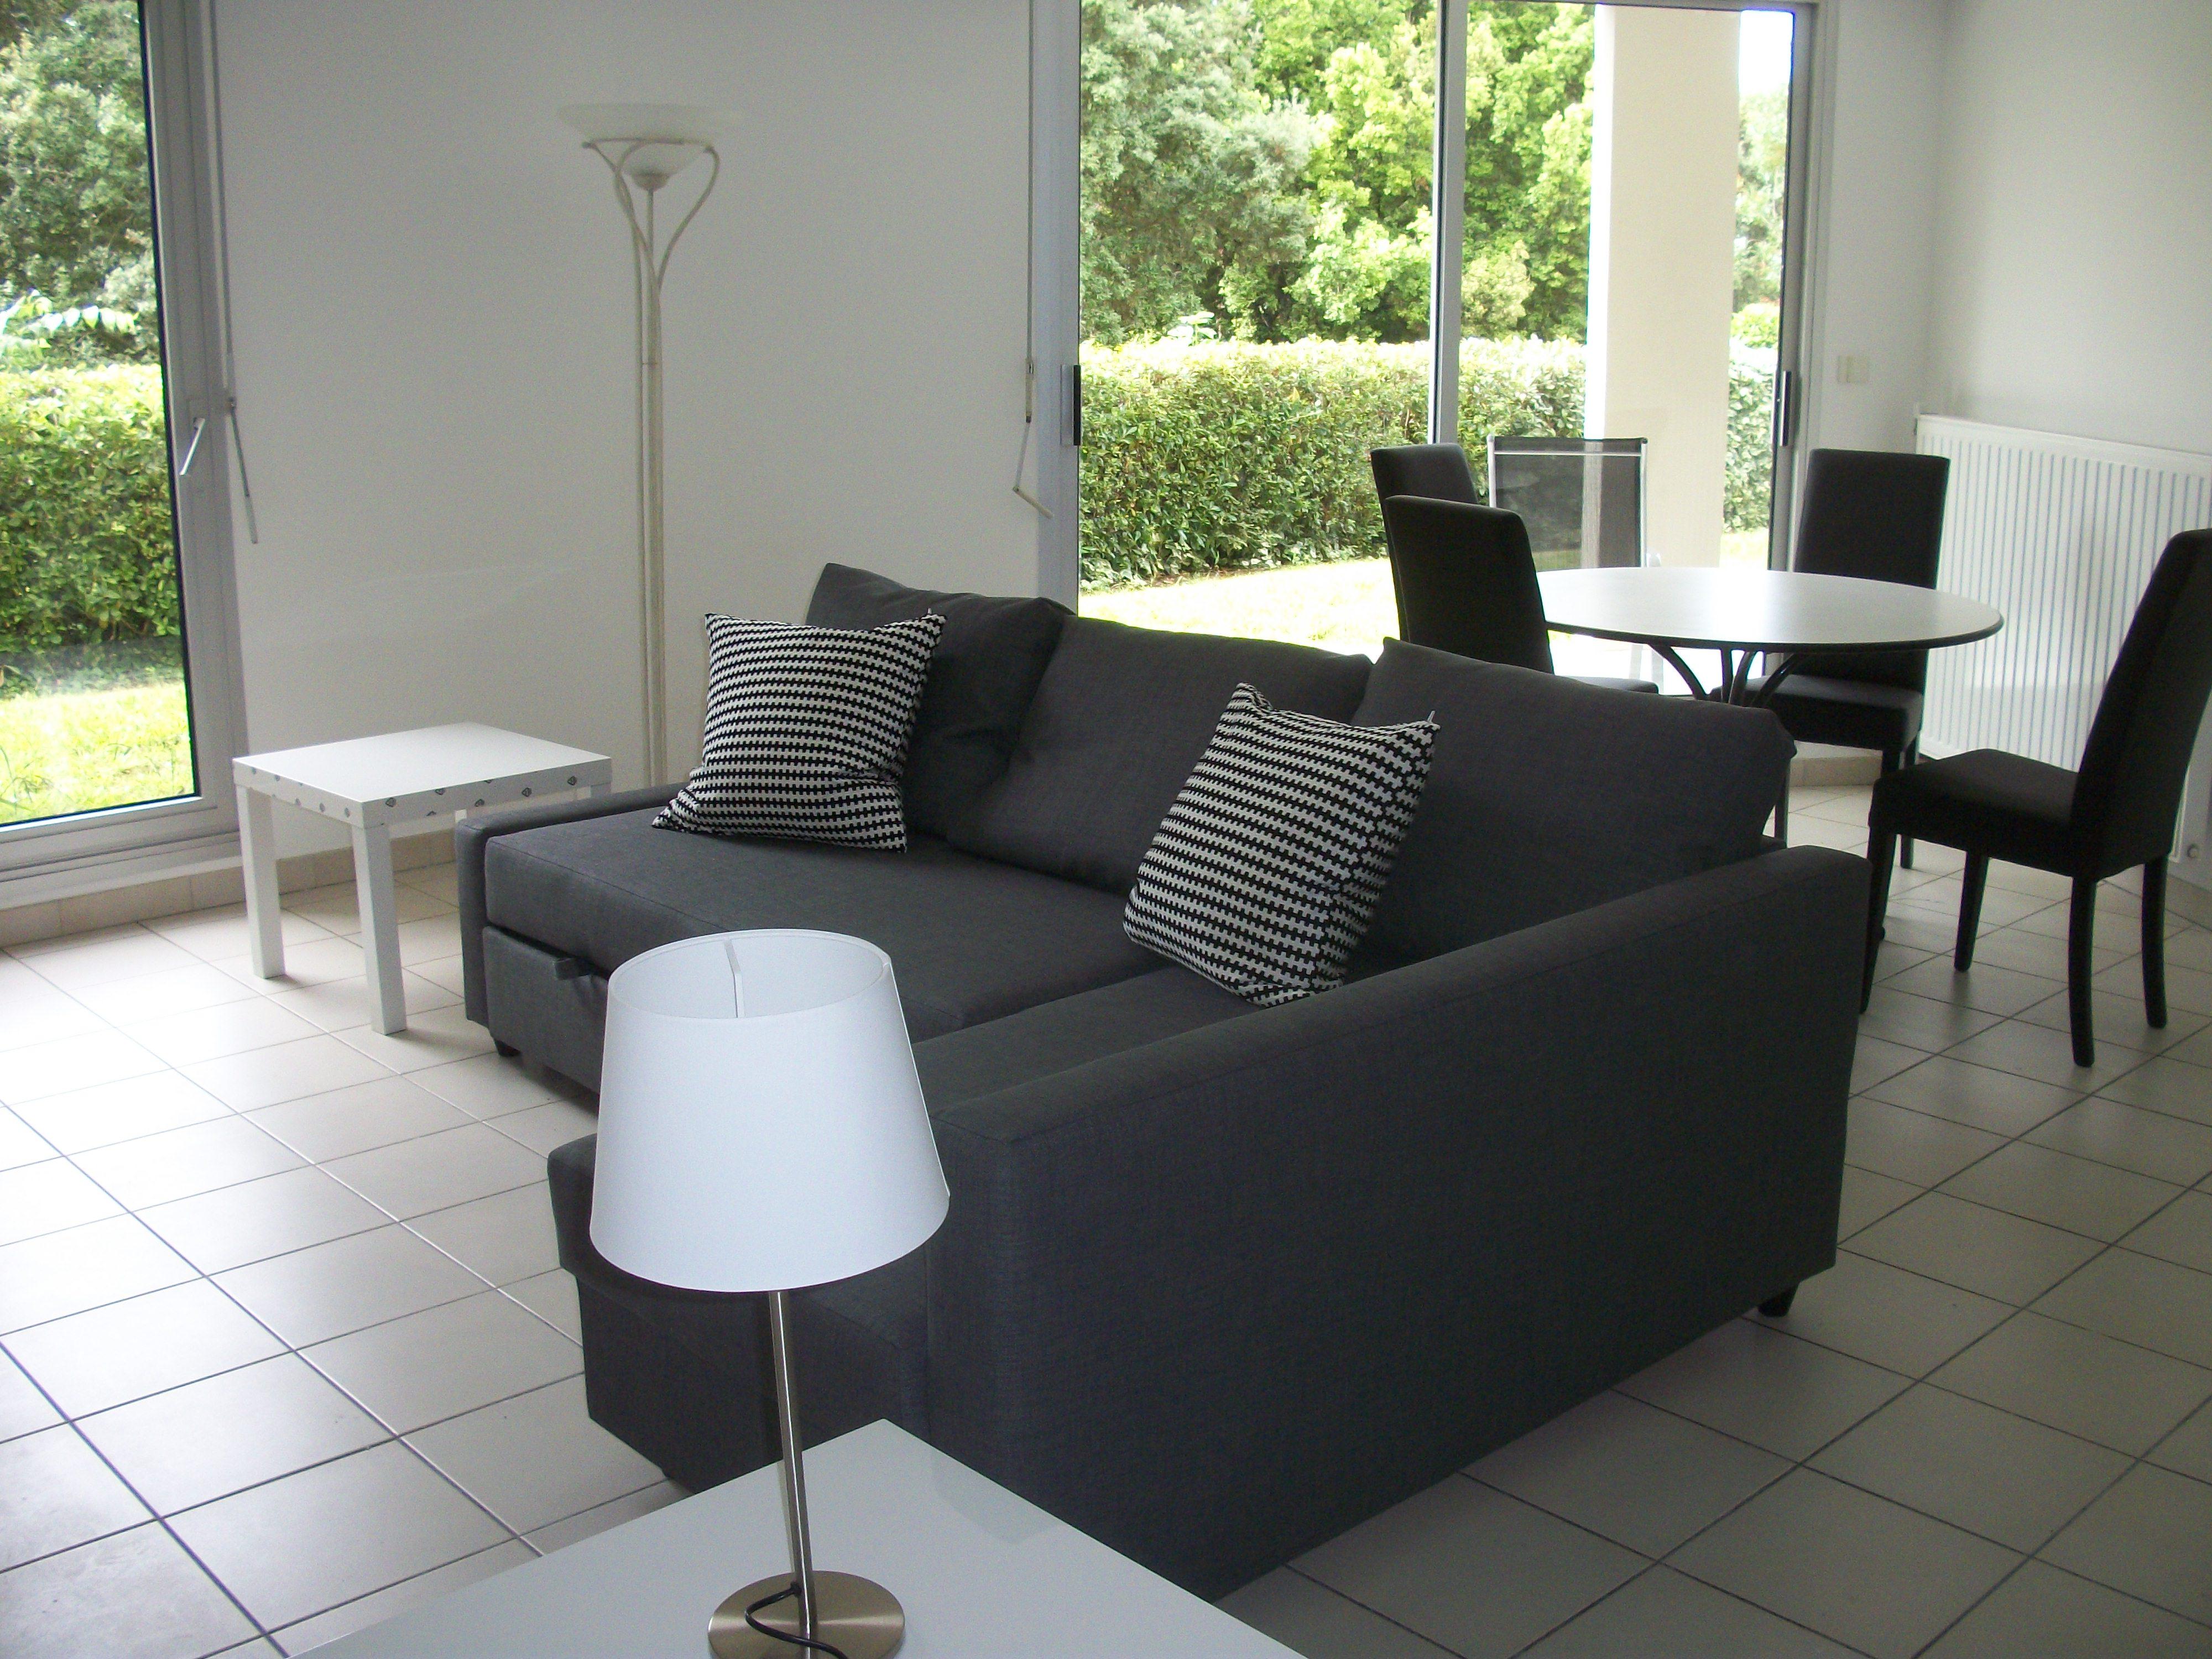 Appartement 6 personnes Nîmes - location vacances  n°58526